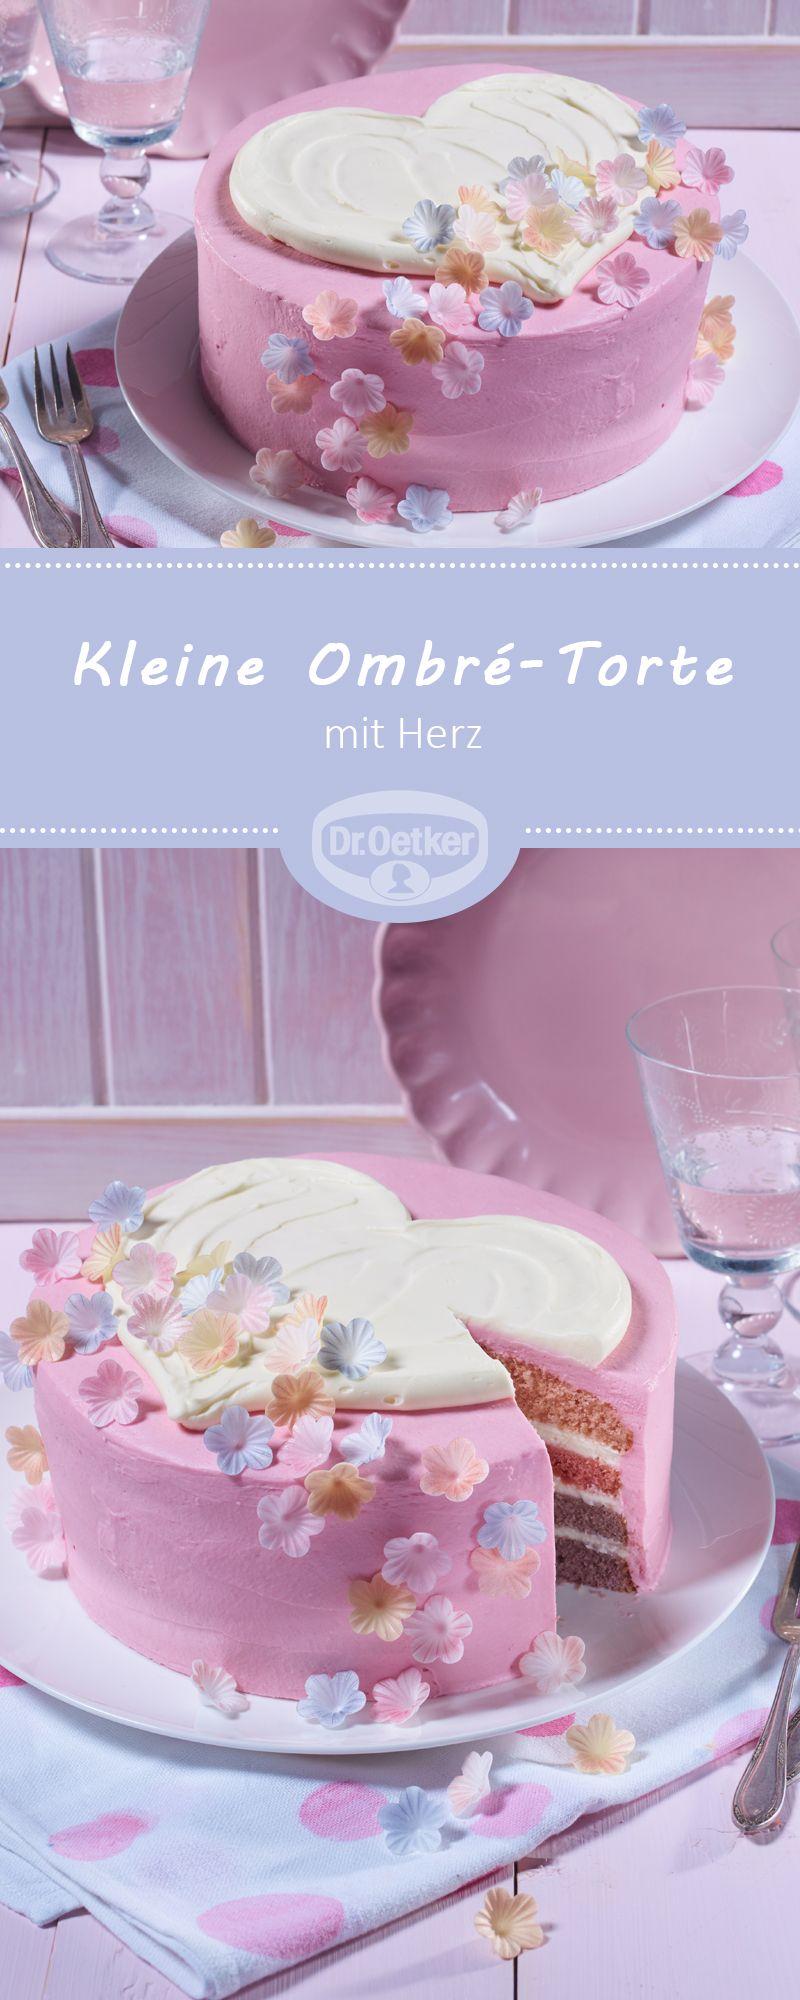 Kleine Ombre Torte Mit Herz Rezept Creme Fur Torten Tortencreme Und Kuchen Und Torten